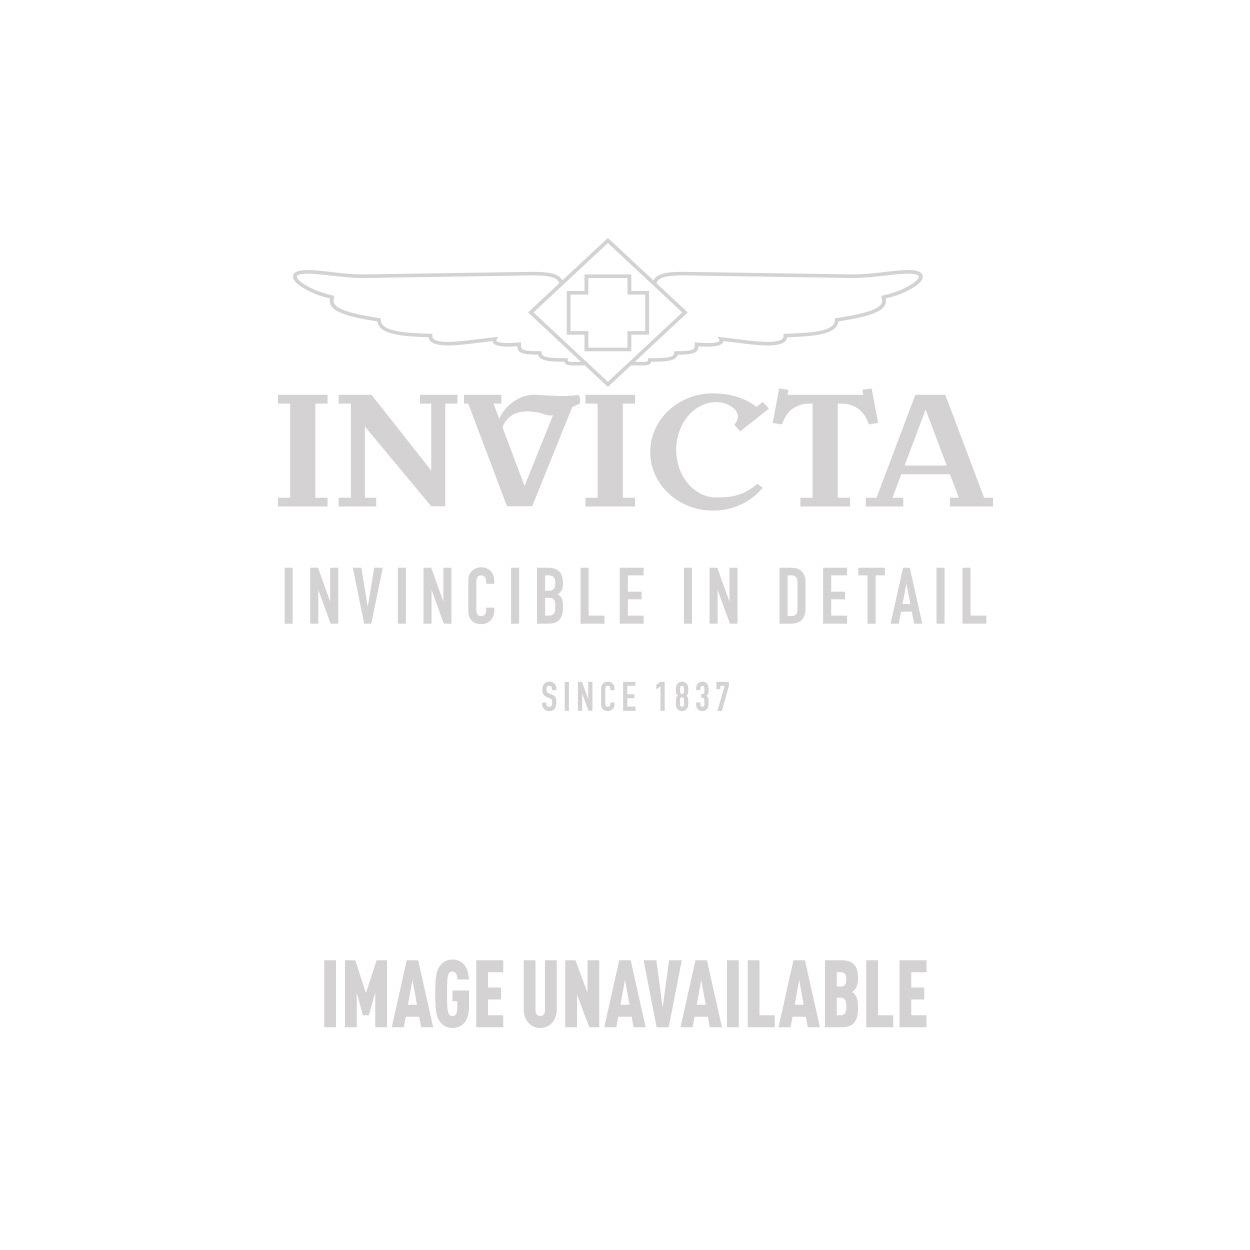 INVICTA Jewelry Incanto Earrings None 10.1 Silver 925 and Ceramic Rhodium+Rose Gold+White - Model J0068